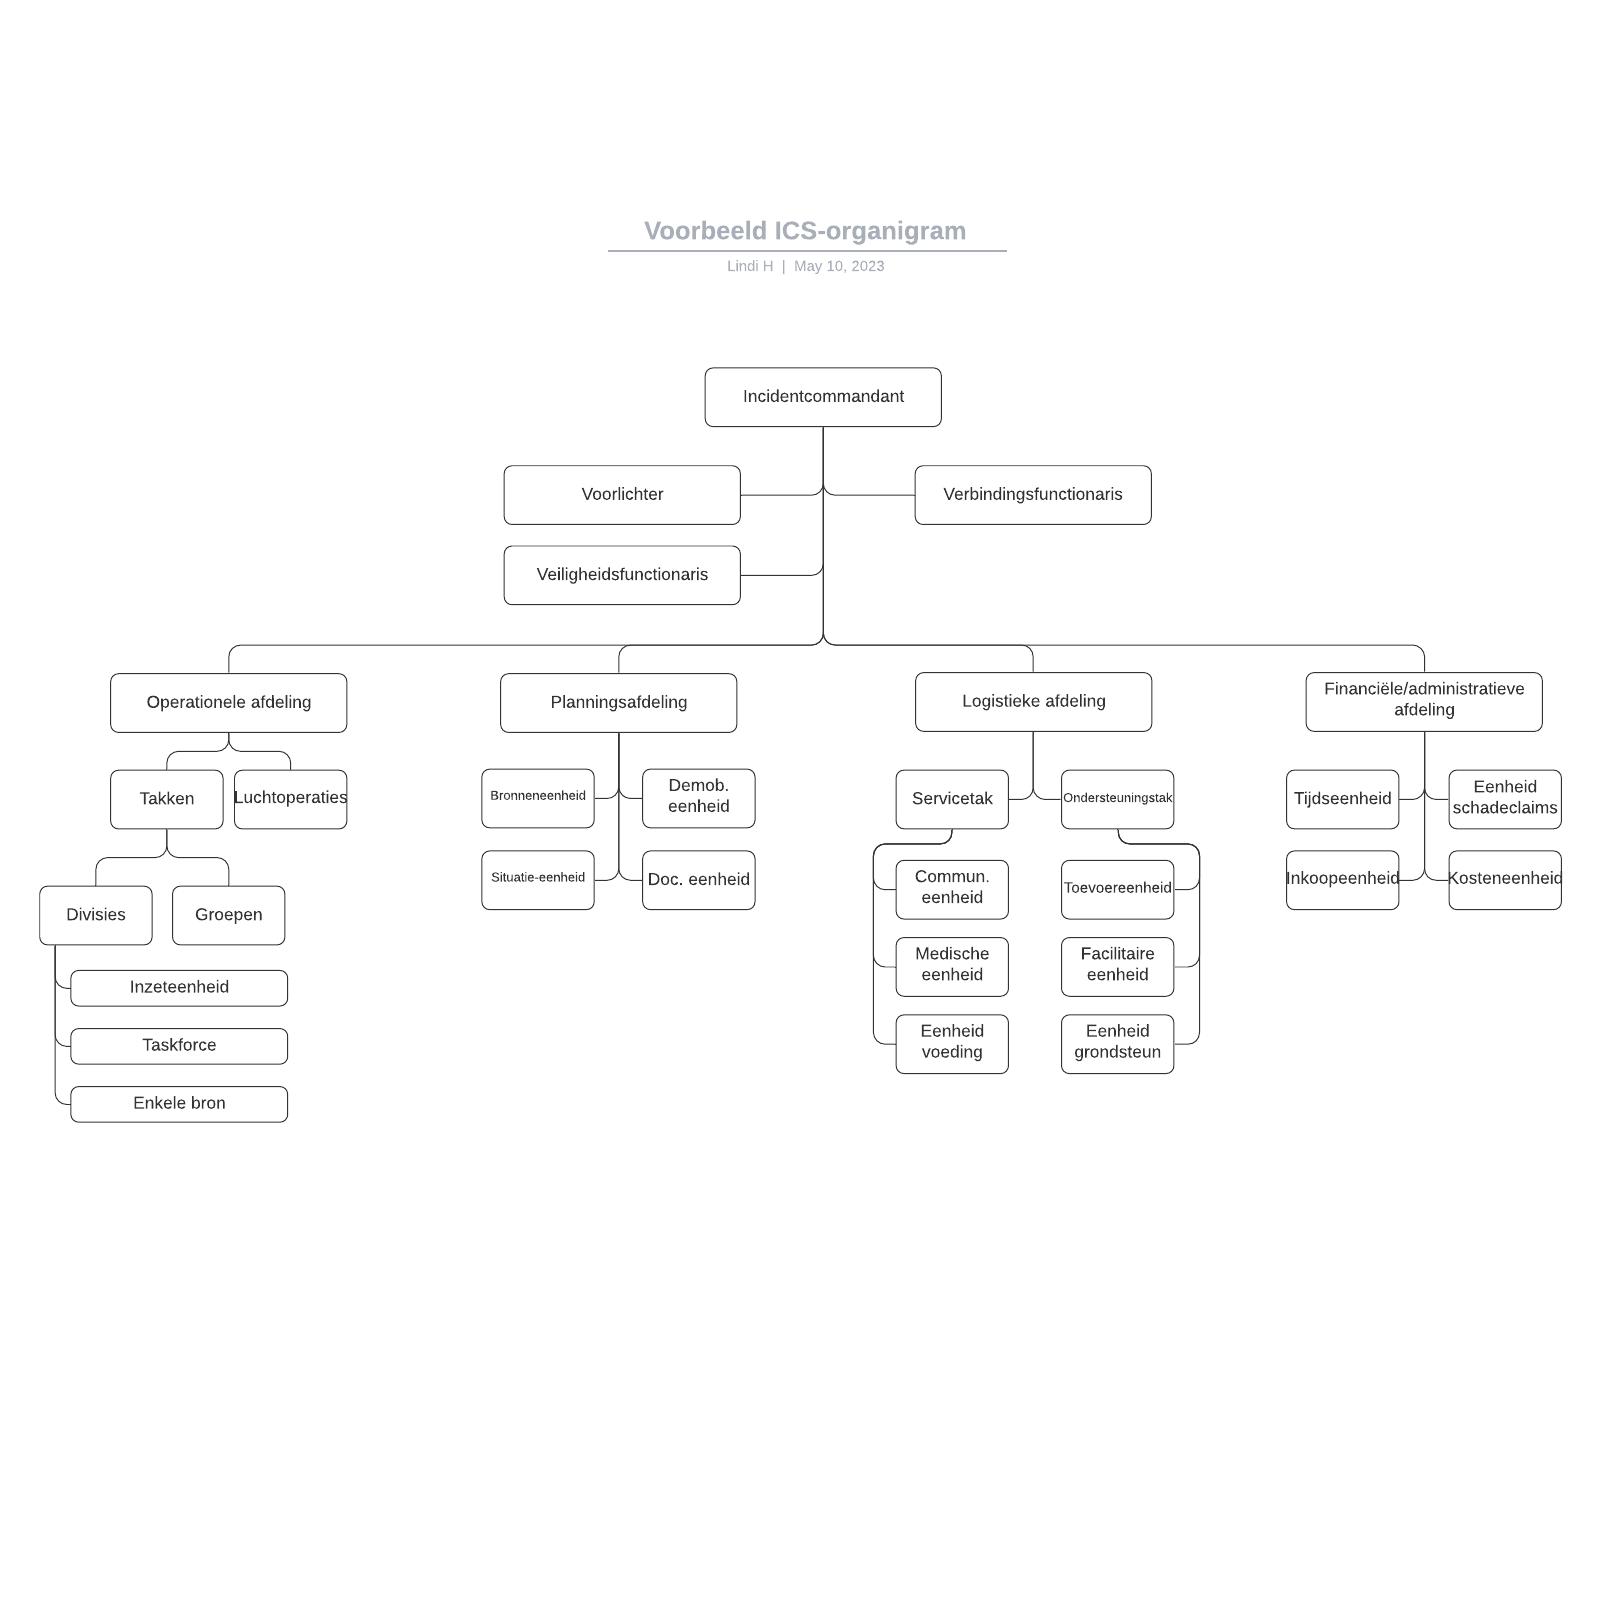 Voorbeeld ICS-organigram